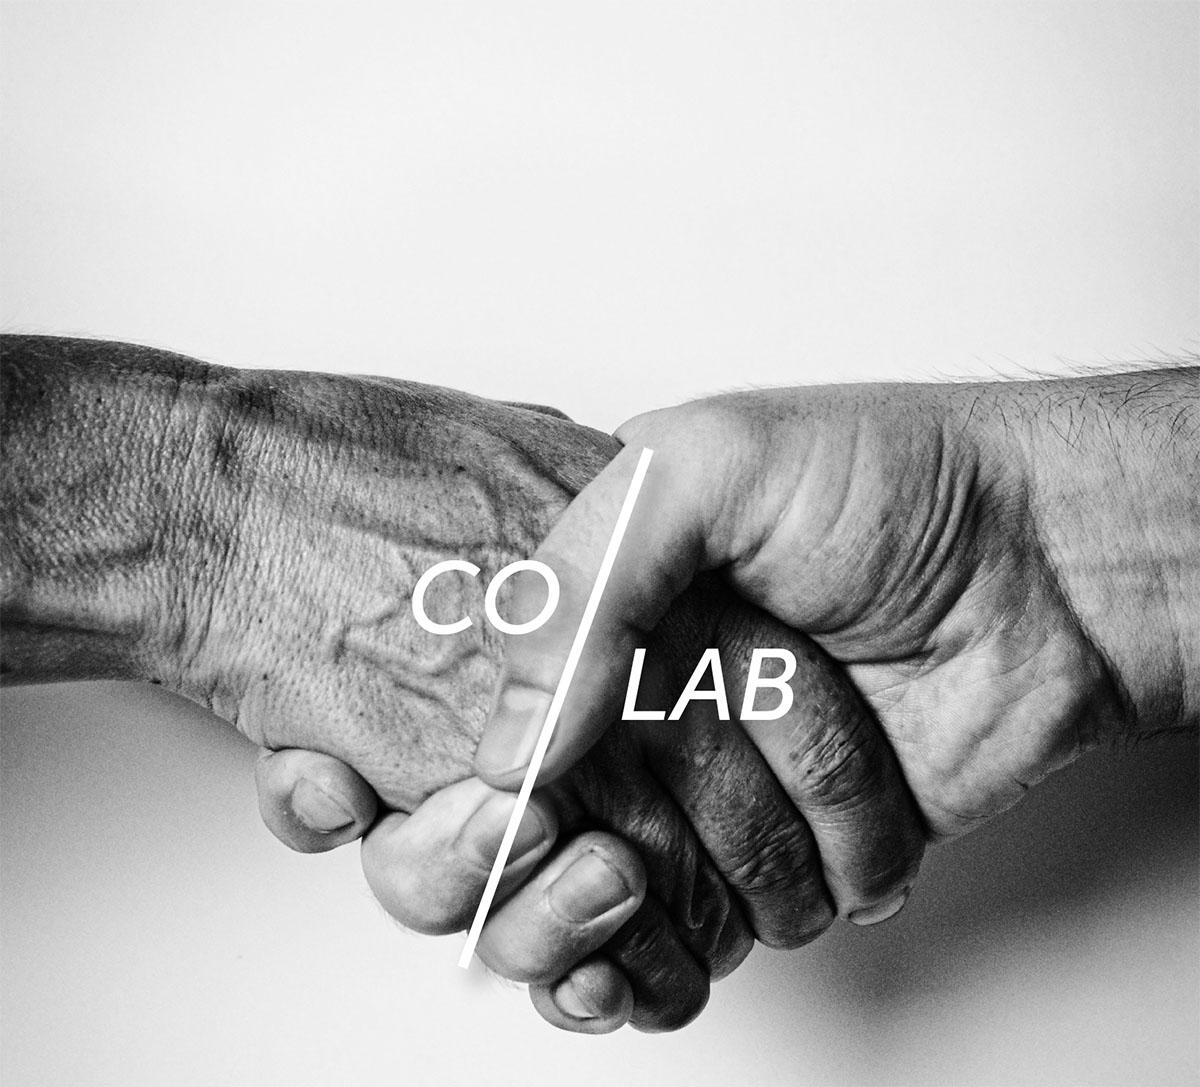 handen schudden zwart wit, co-lab tekst